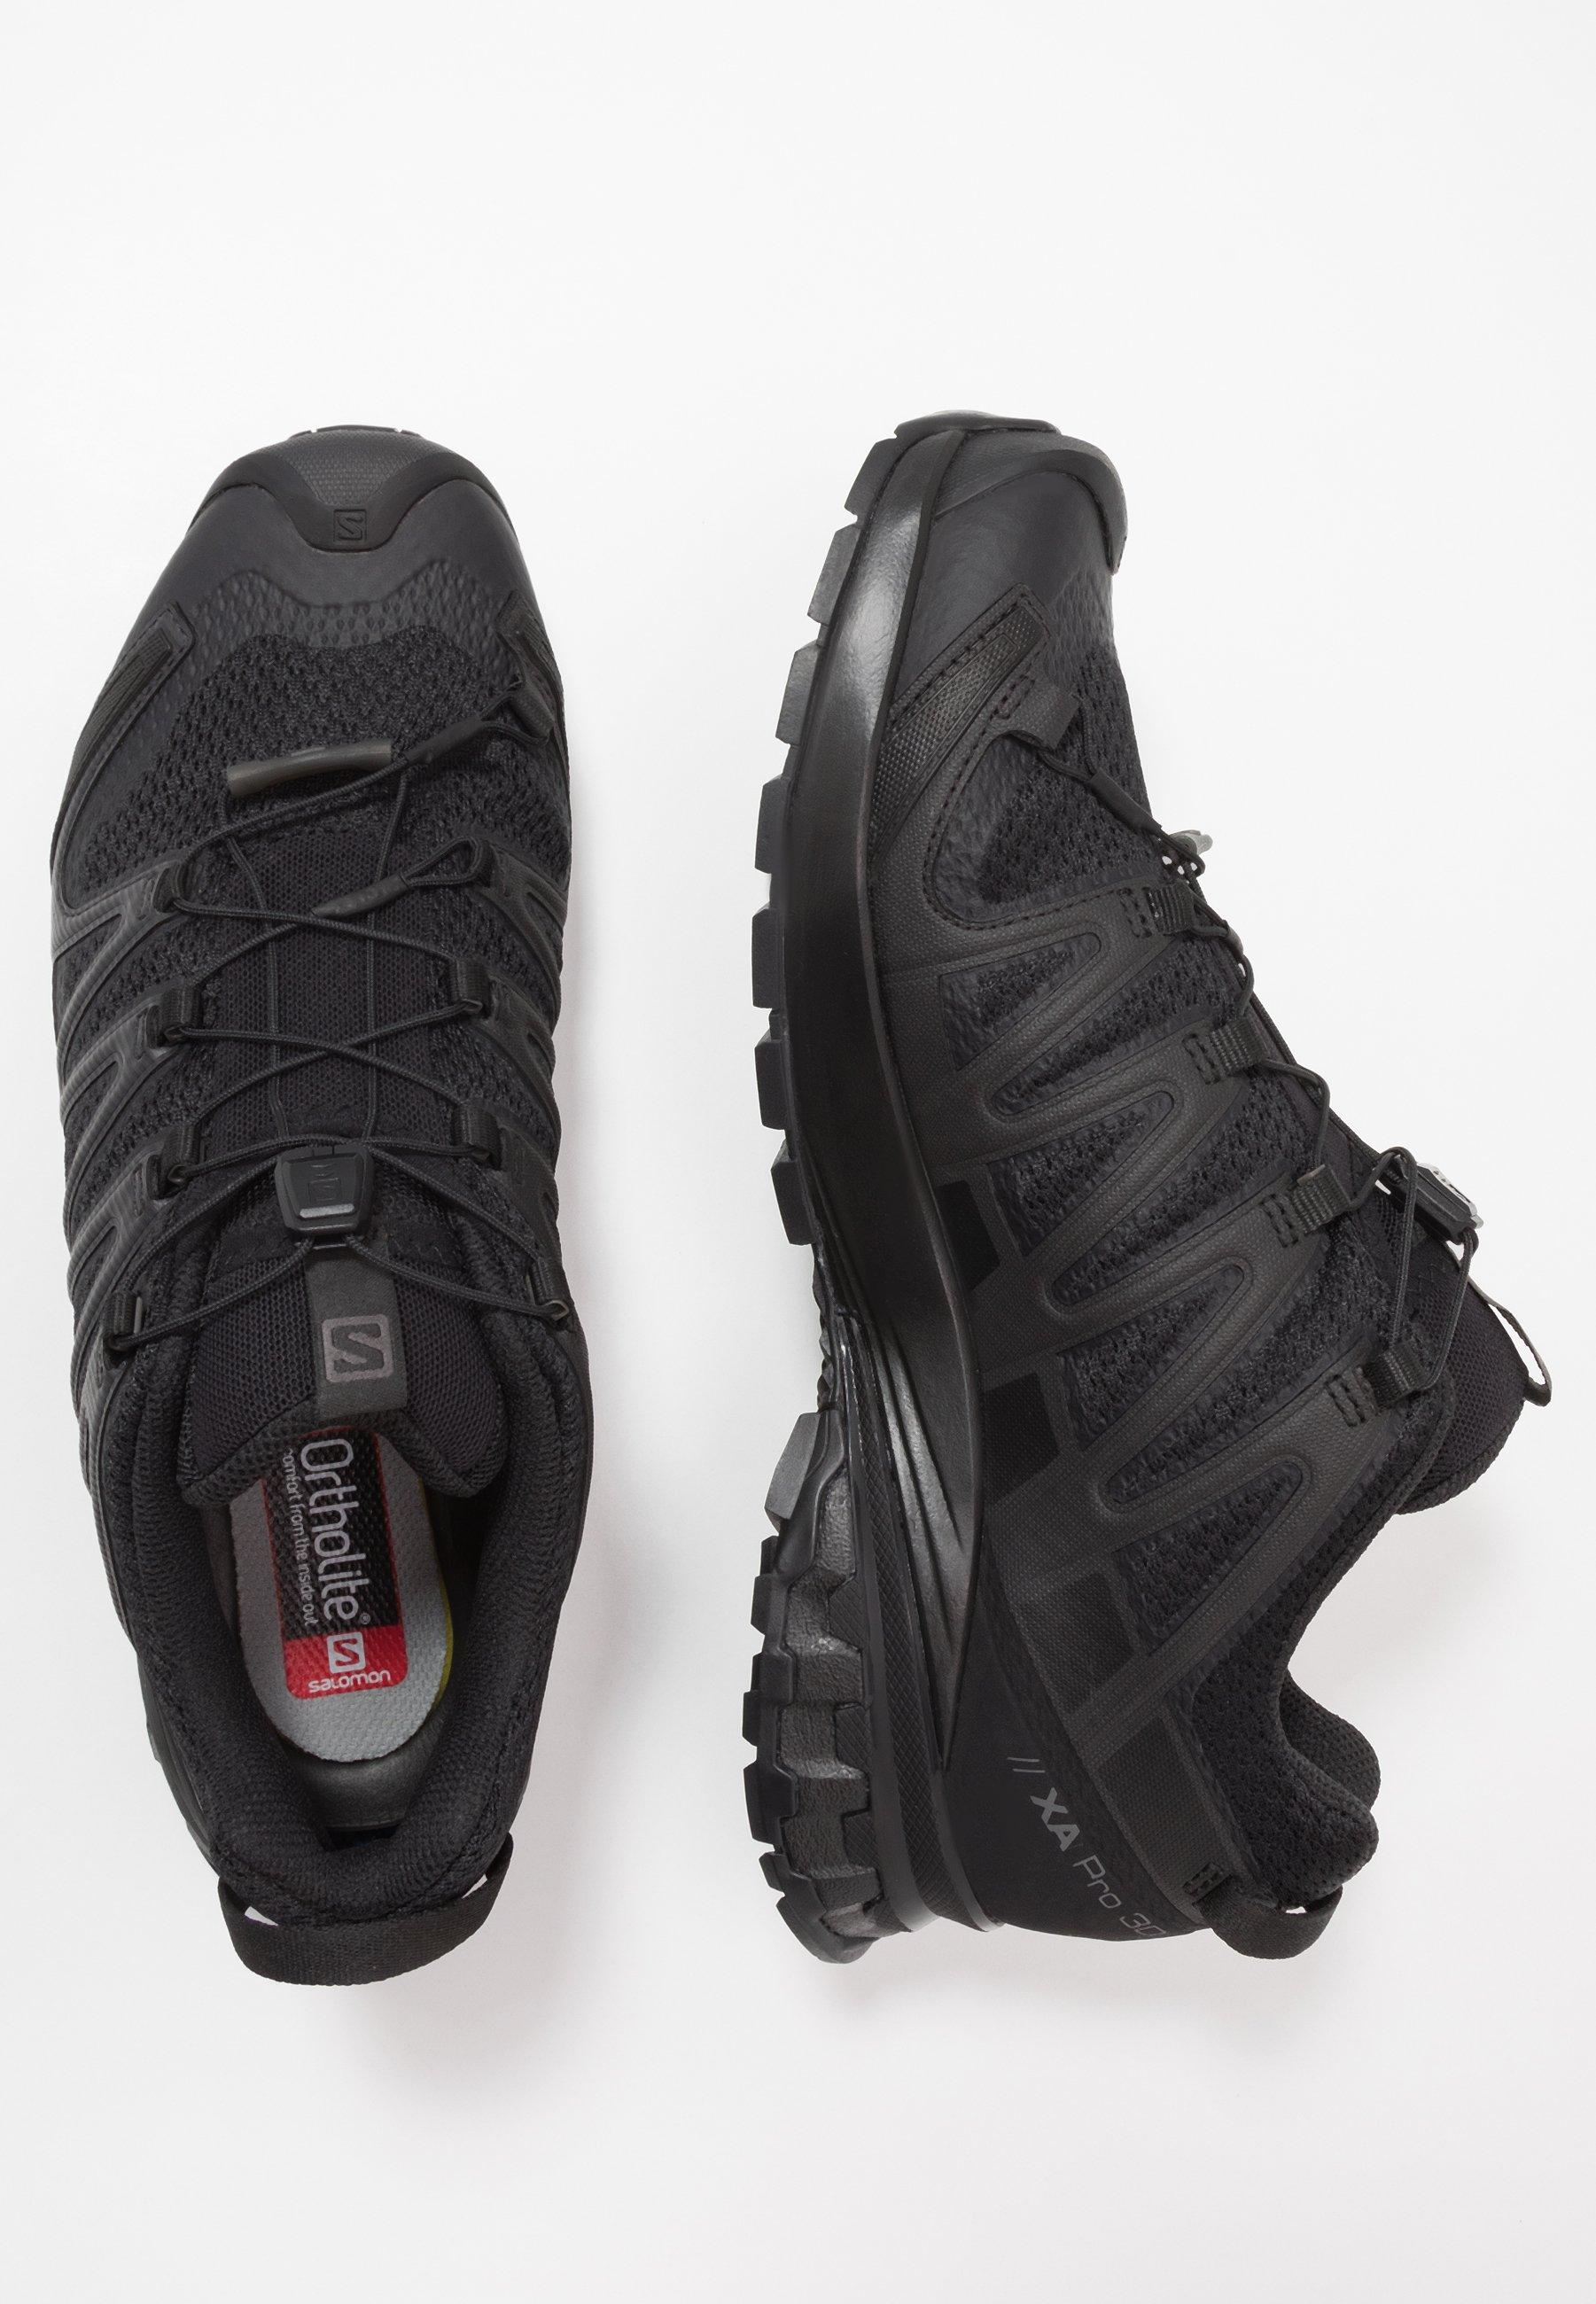 XA PRO 3D V8 Hikingskor black